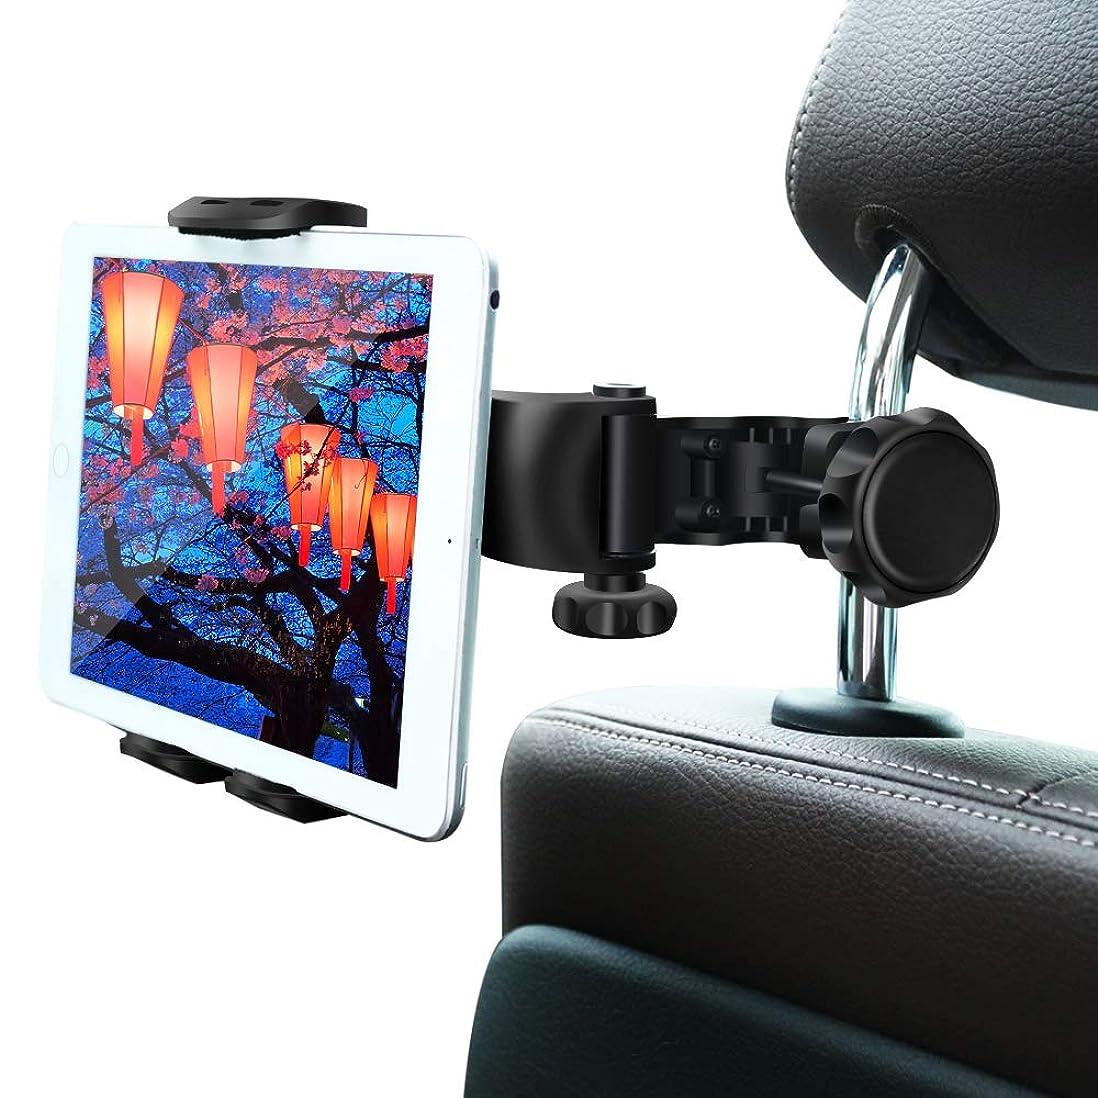 タブレットホルダー オーディオ用車載ホルダー 車後部座席適用 真ん中 調節可能 360度回転式 取り付け便利 4-11インチTablet/スマホ用 スタンド iPhone Samsung Galaxy iPad 2/3/4/mini/air Galaxy Tab/Google Nexusn等対応